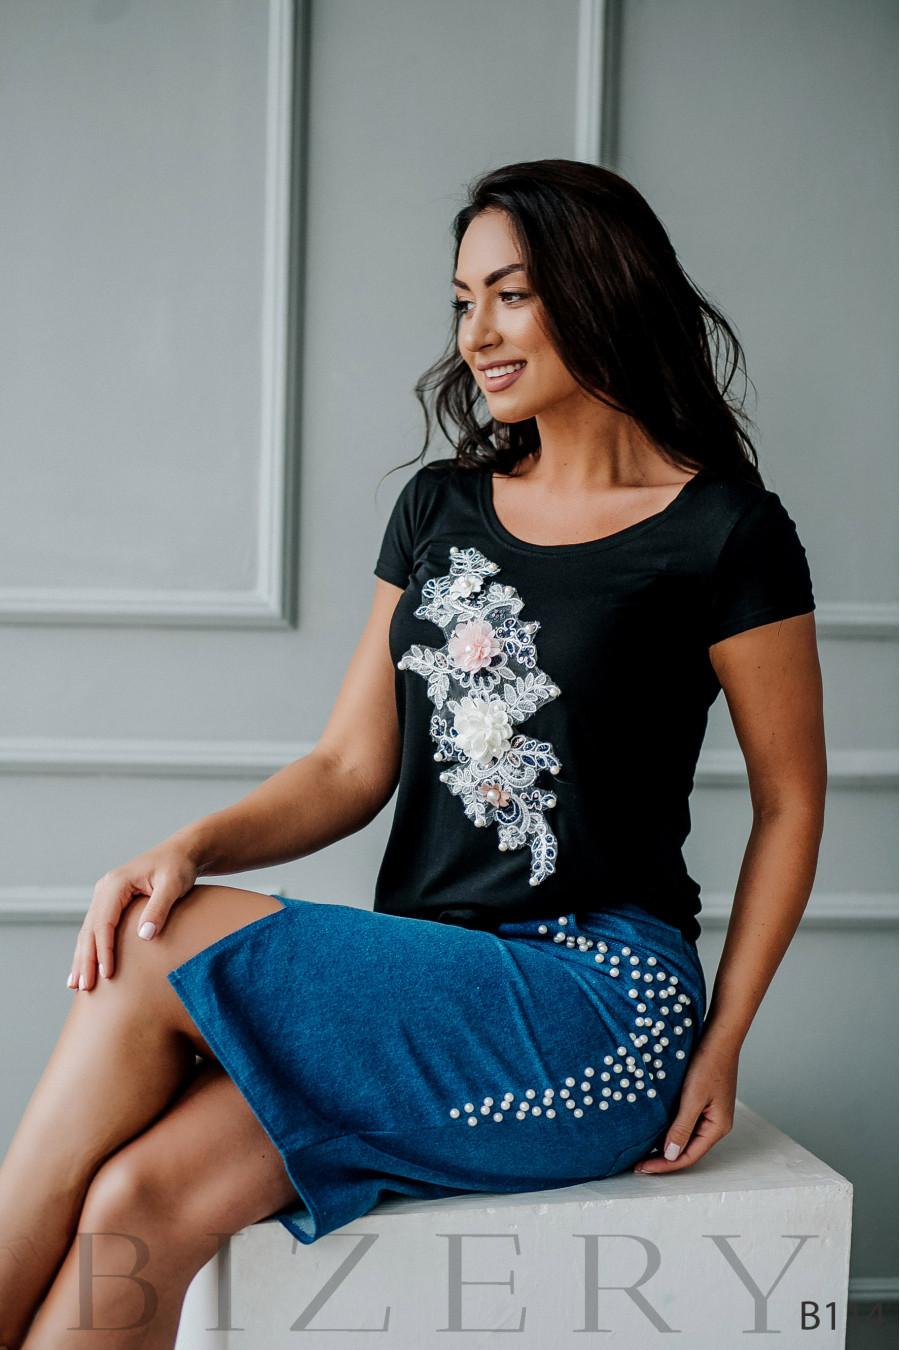 Костюм с джинсовой юбкой украшен цветочной аппликацией с жемчугом